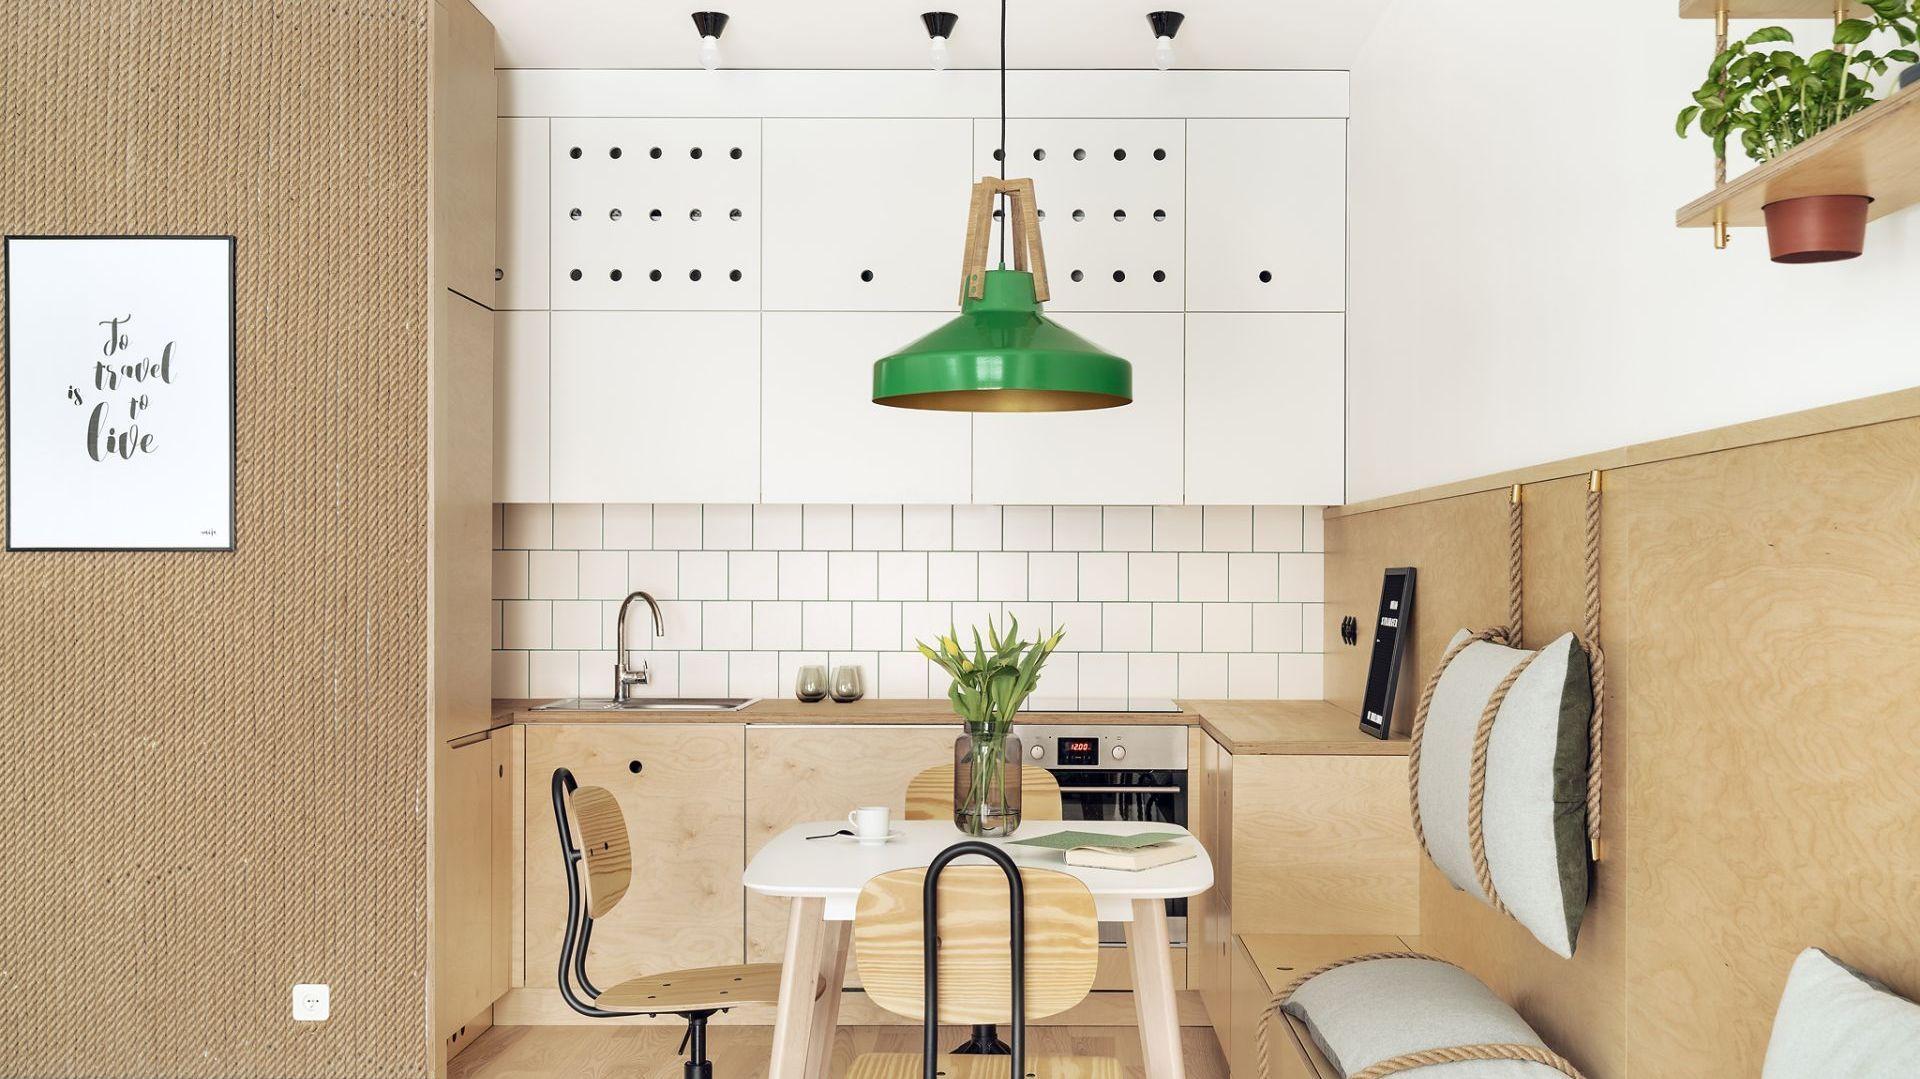 Mała kuchnia w bloku w jasnych kolorach. Projekt: Maka Studio (Daria Pawlaczyk, Aleksandra Kurc). Fot. Tom Kurek